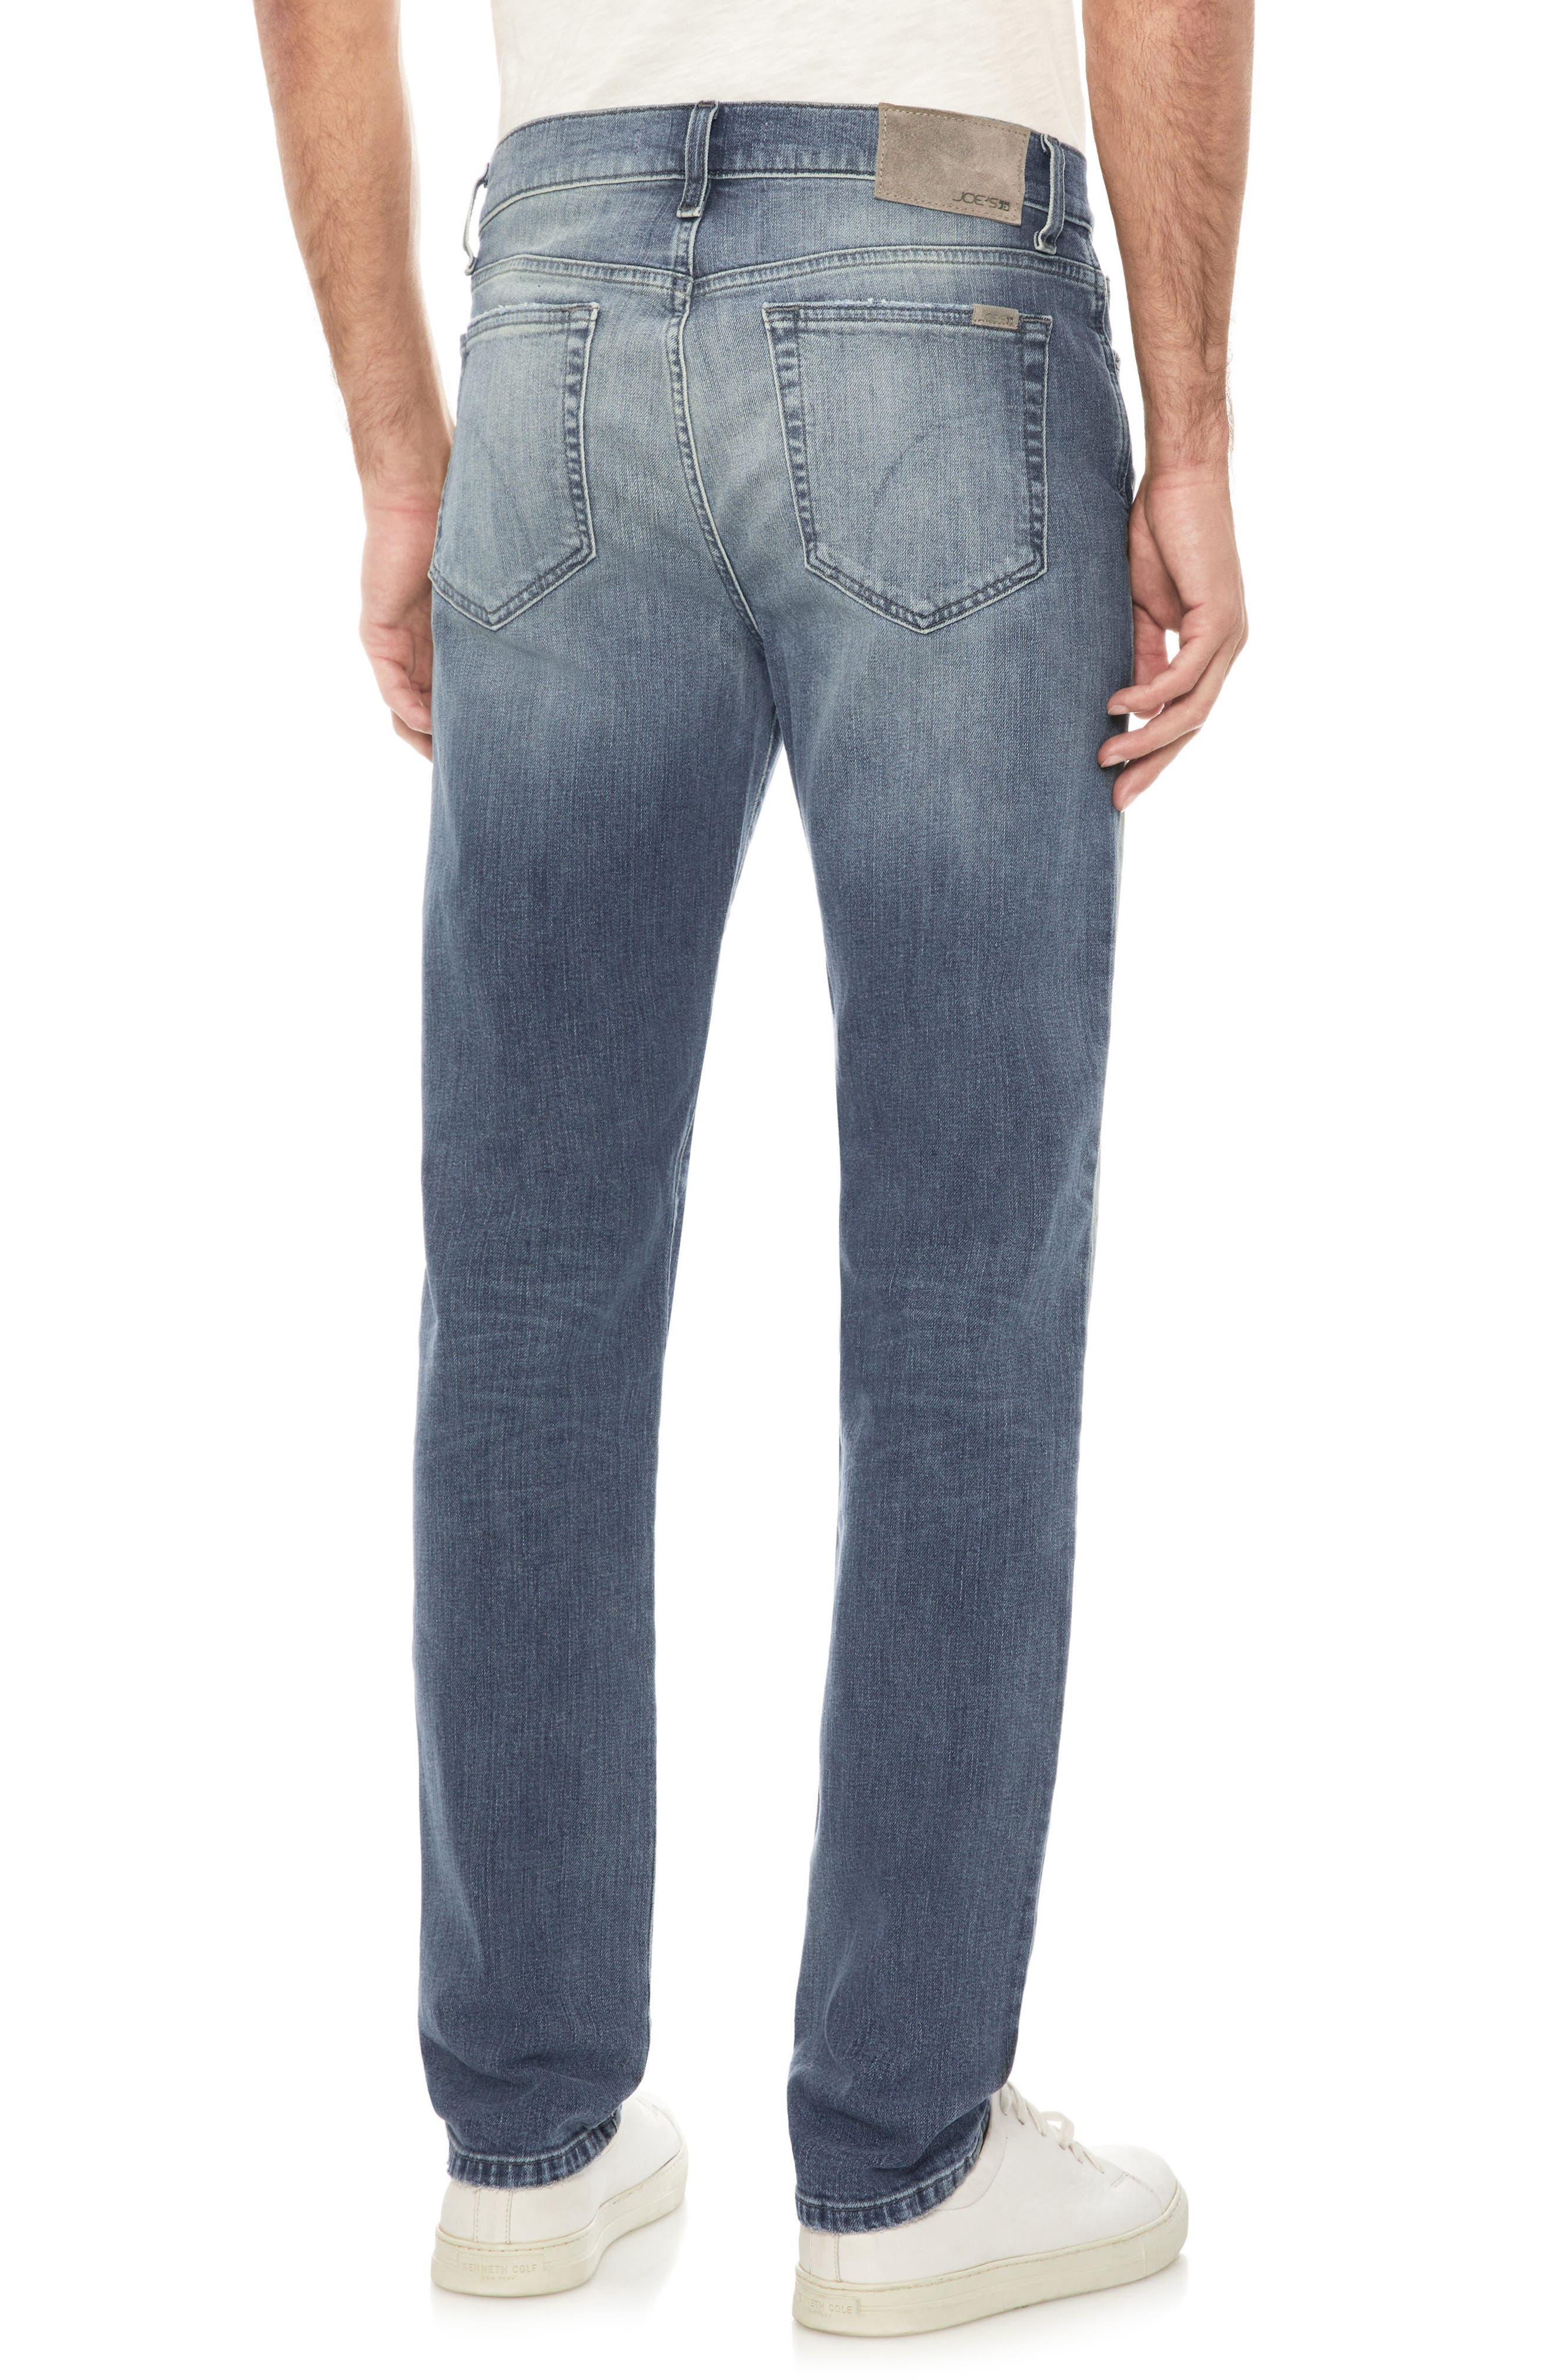 Folsom Slim Fit Jeans,                             Alternate thumbnail 2, color,                             Cole